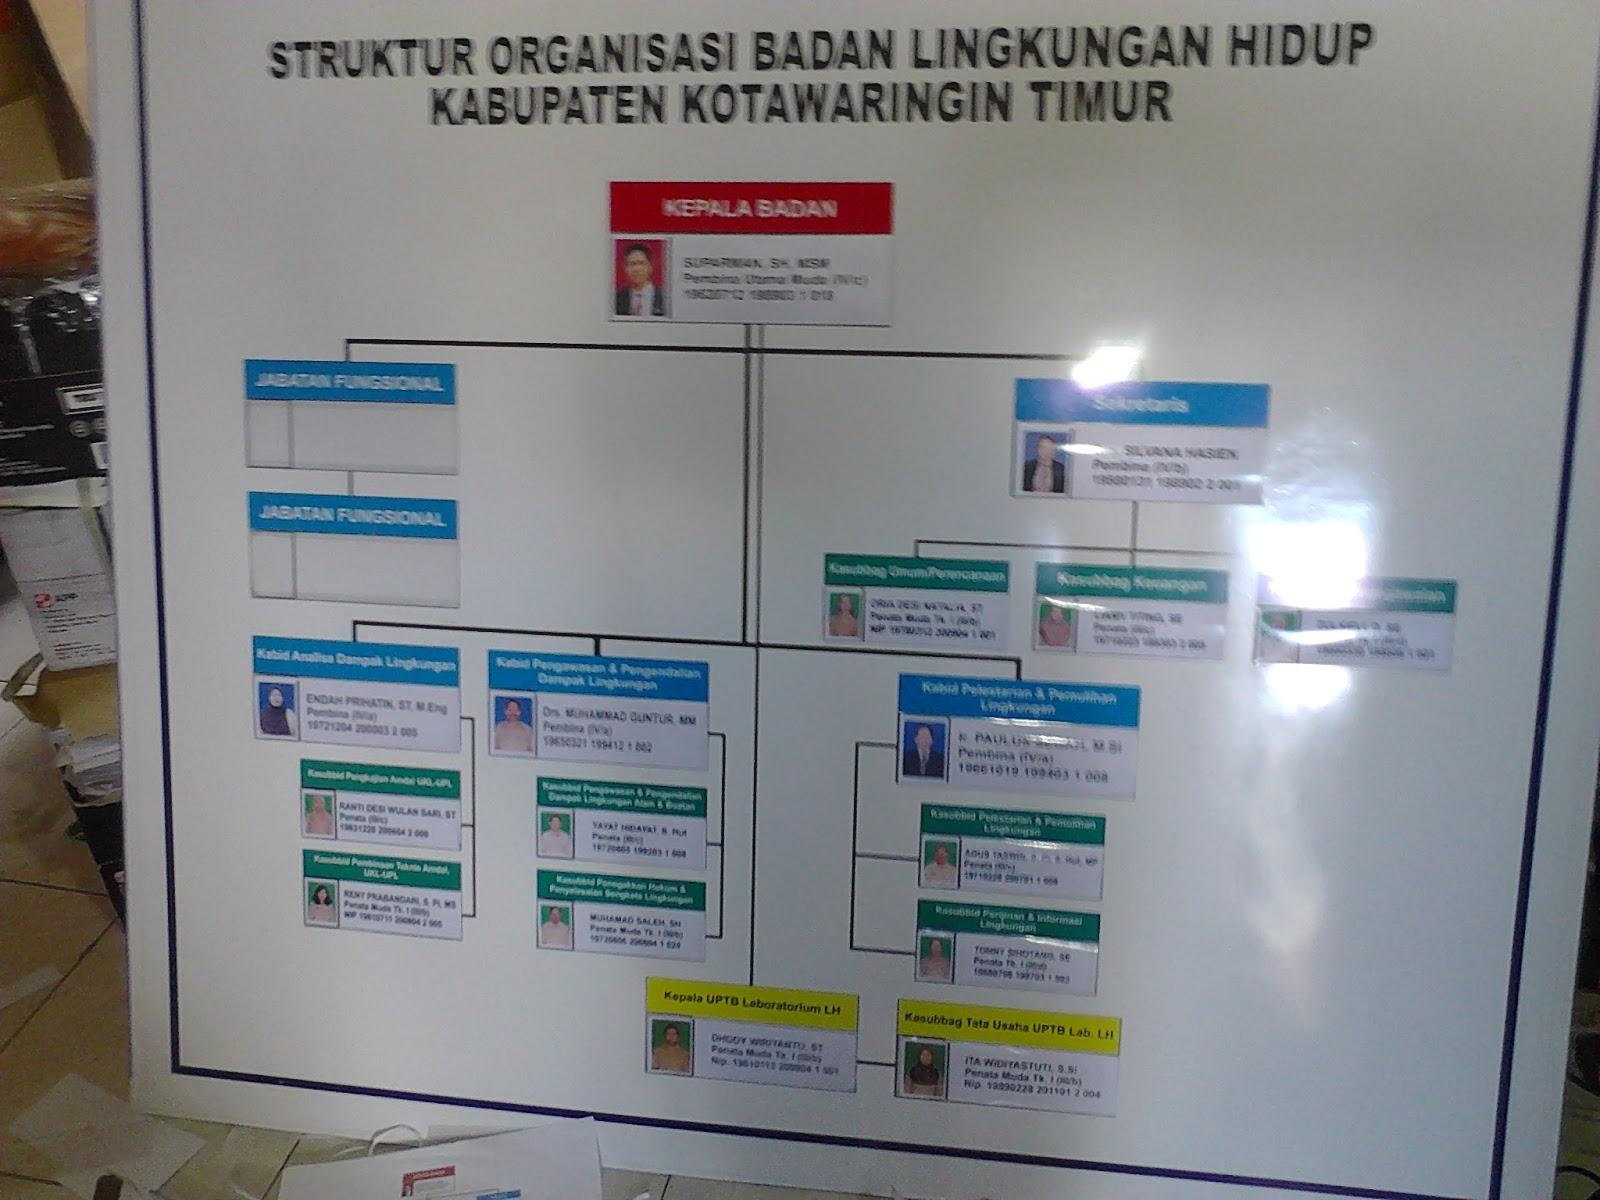 pembuatan papan struktur organisasi ~ rumah cetak ngalam kreatif Bagan Organisasi pembuatan papan struktur organisasi